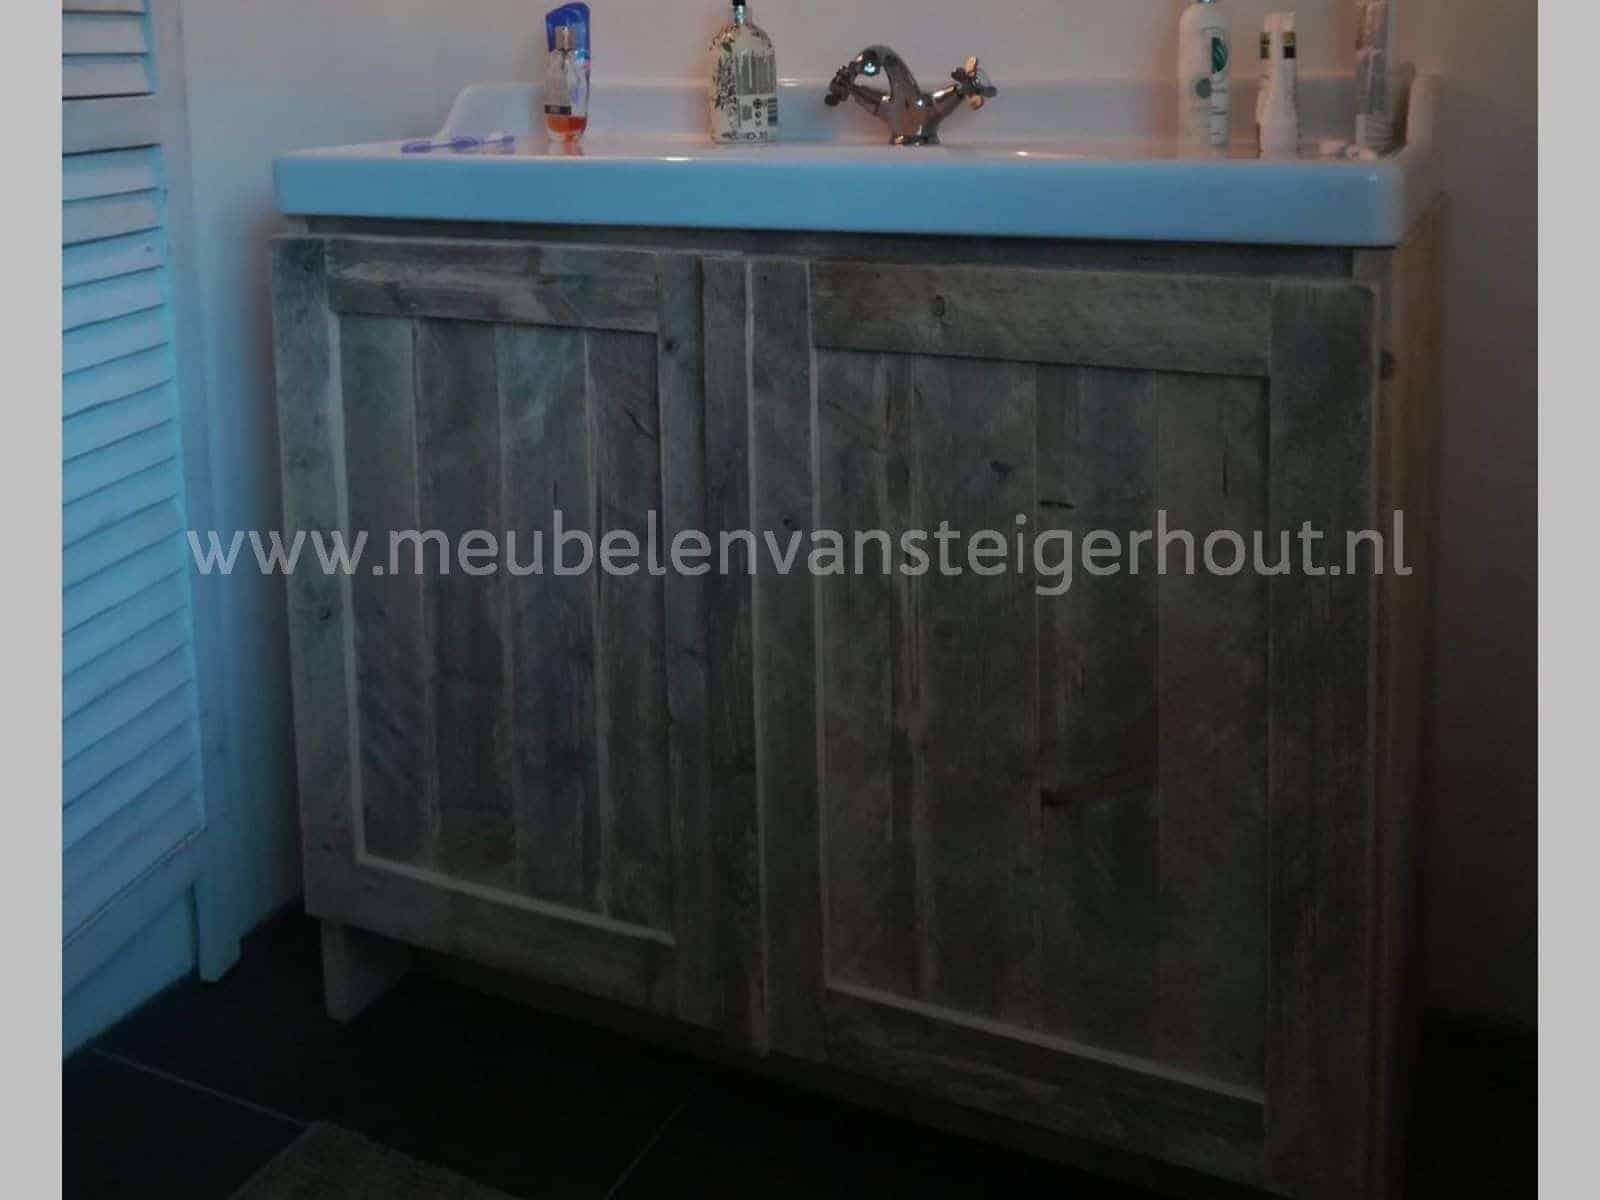 Badmeubel steigerhout 7 meubelen van steigerhout